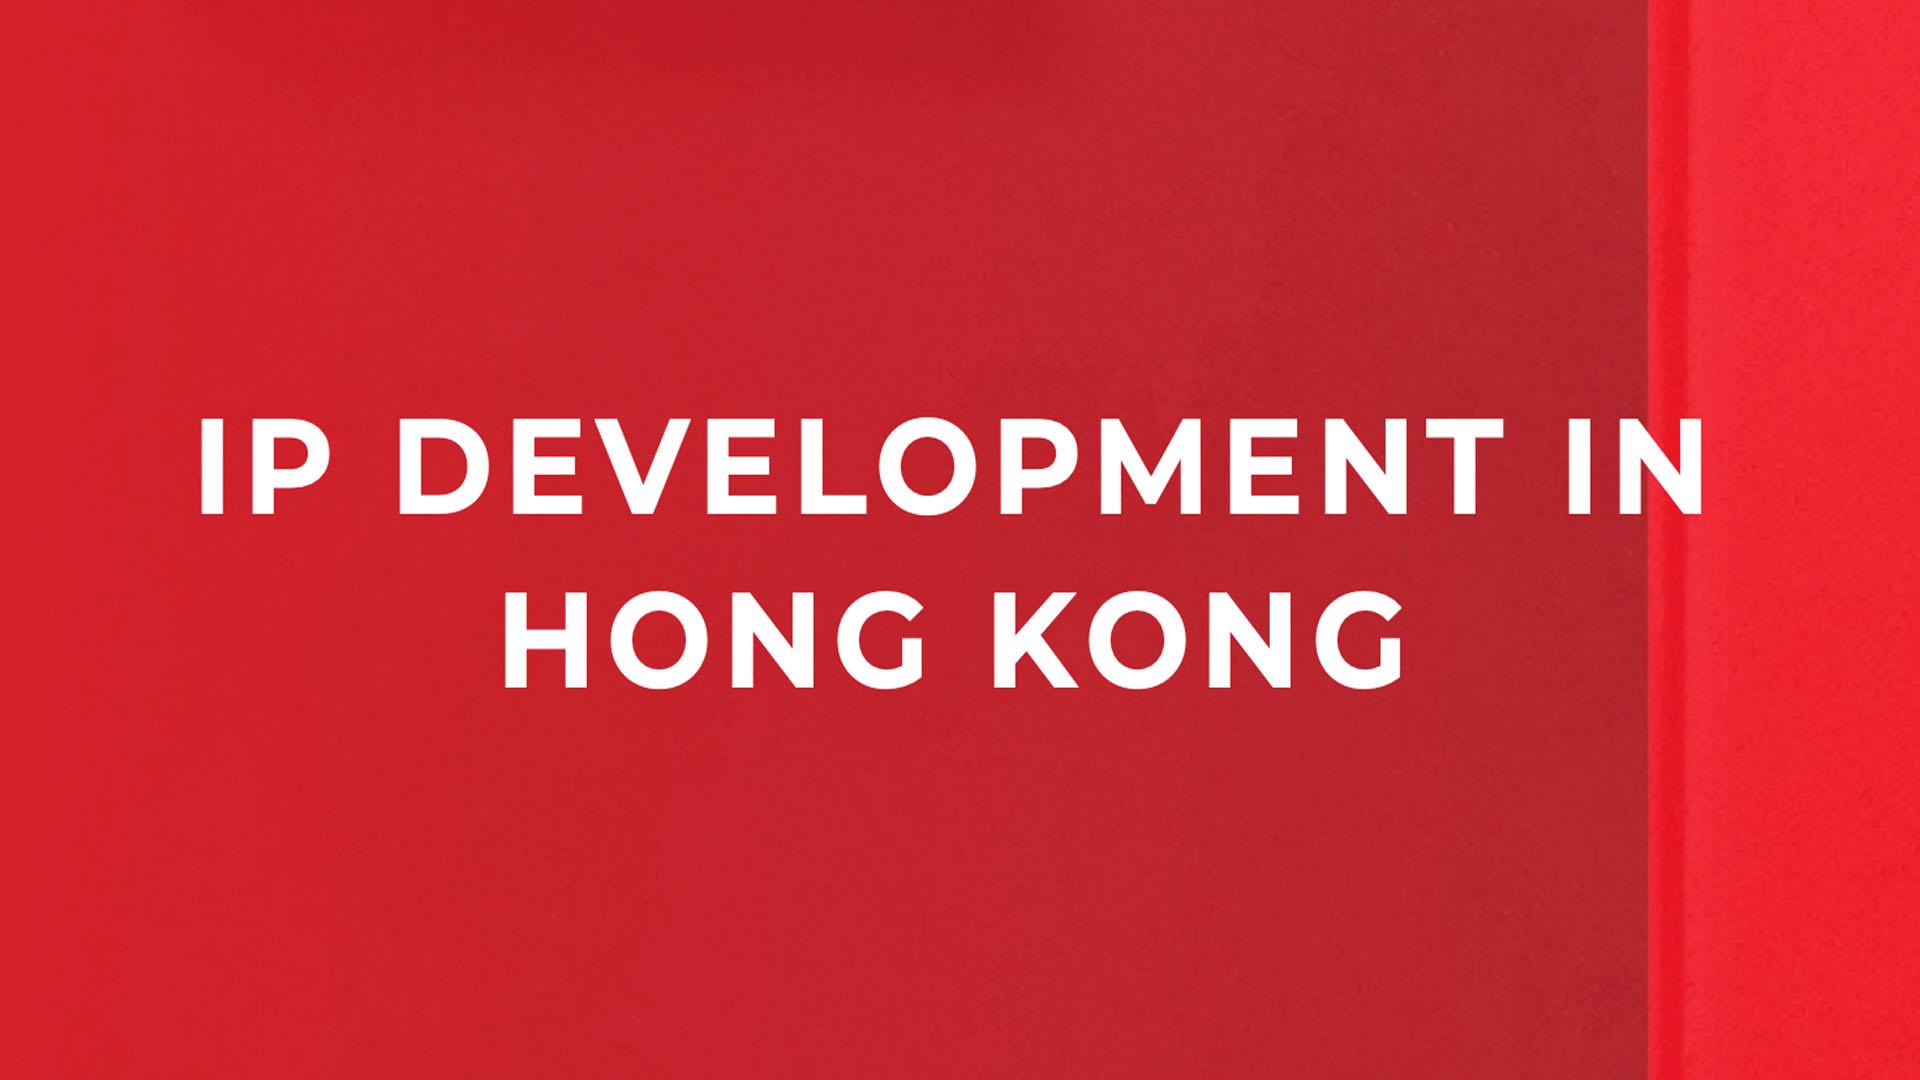 香港科技、設計及創意團隊 IP development in hong kong